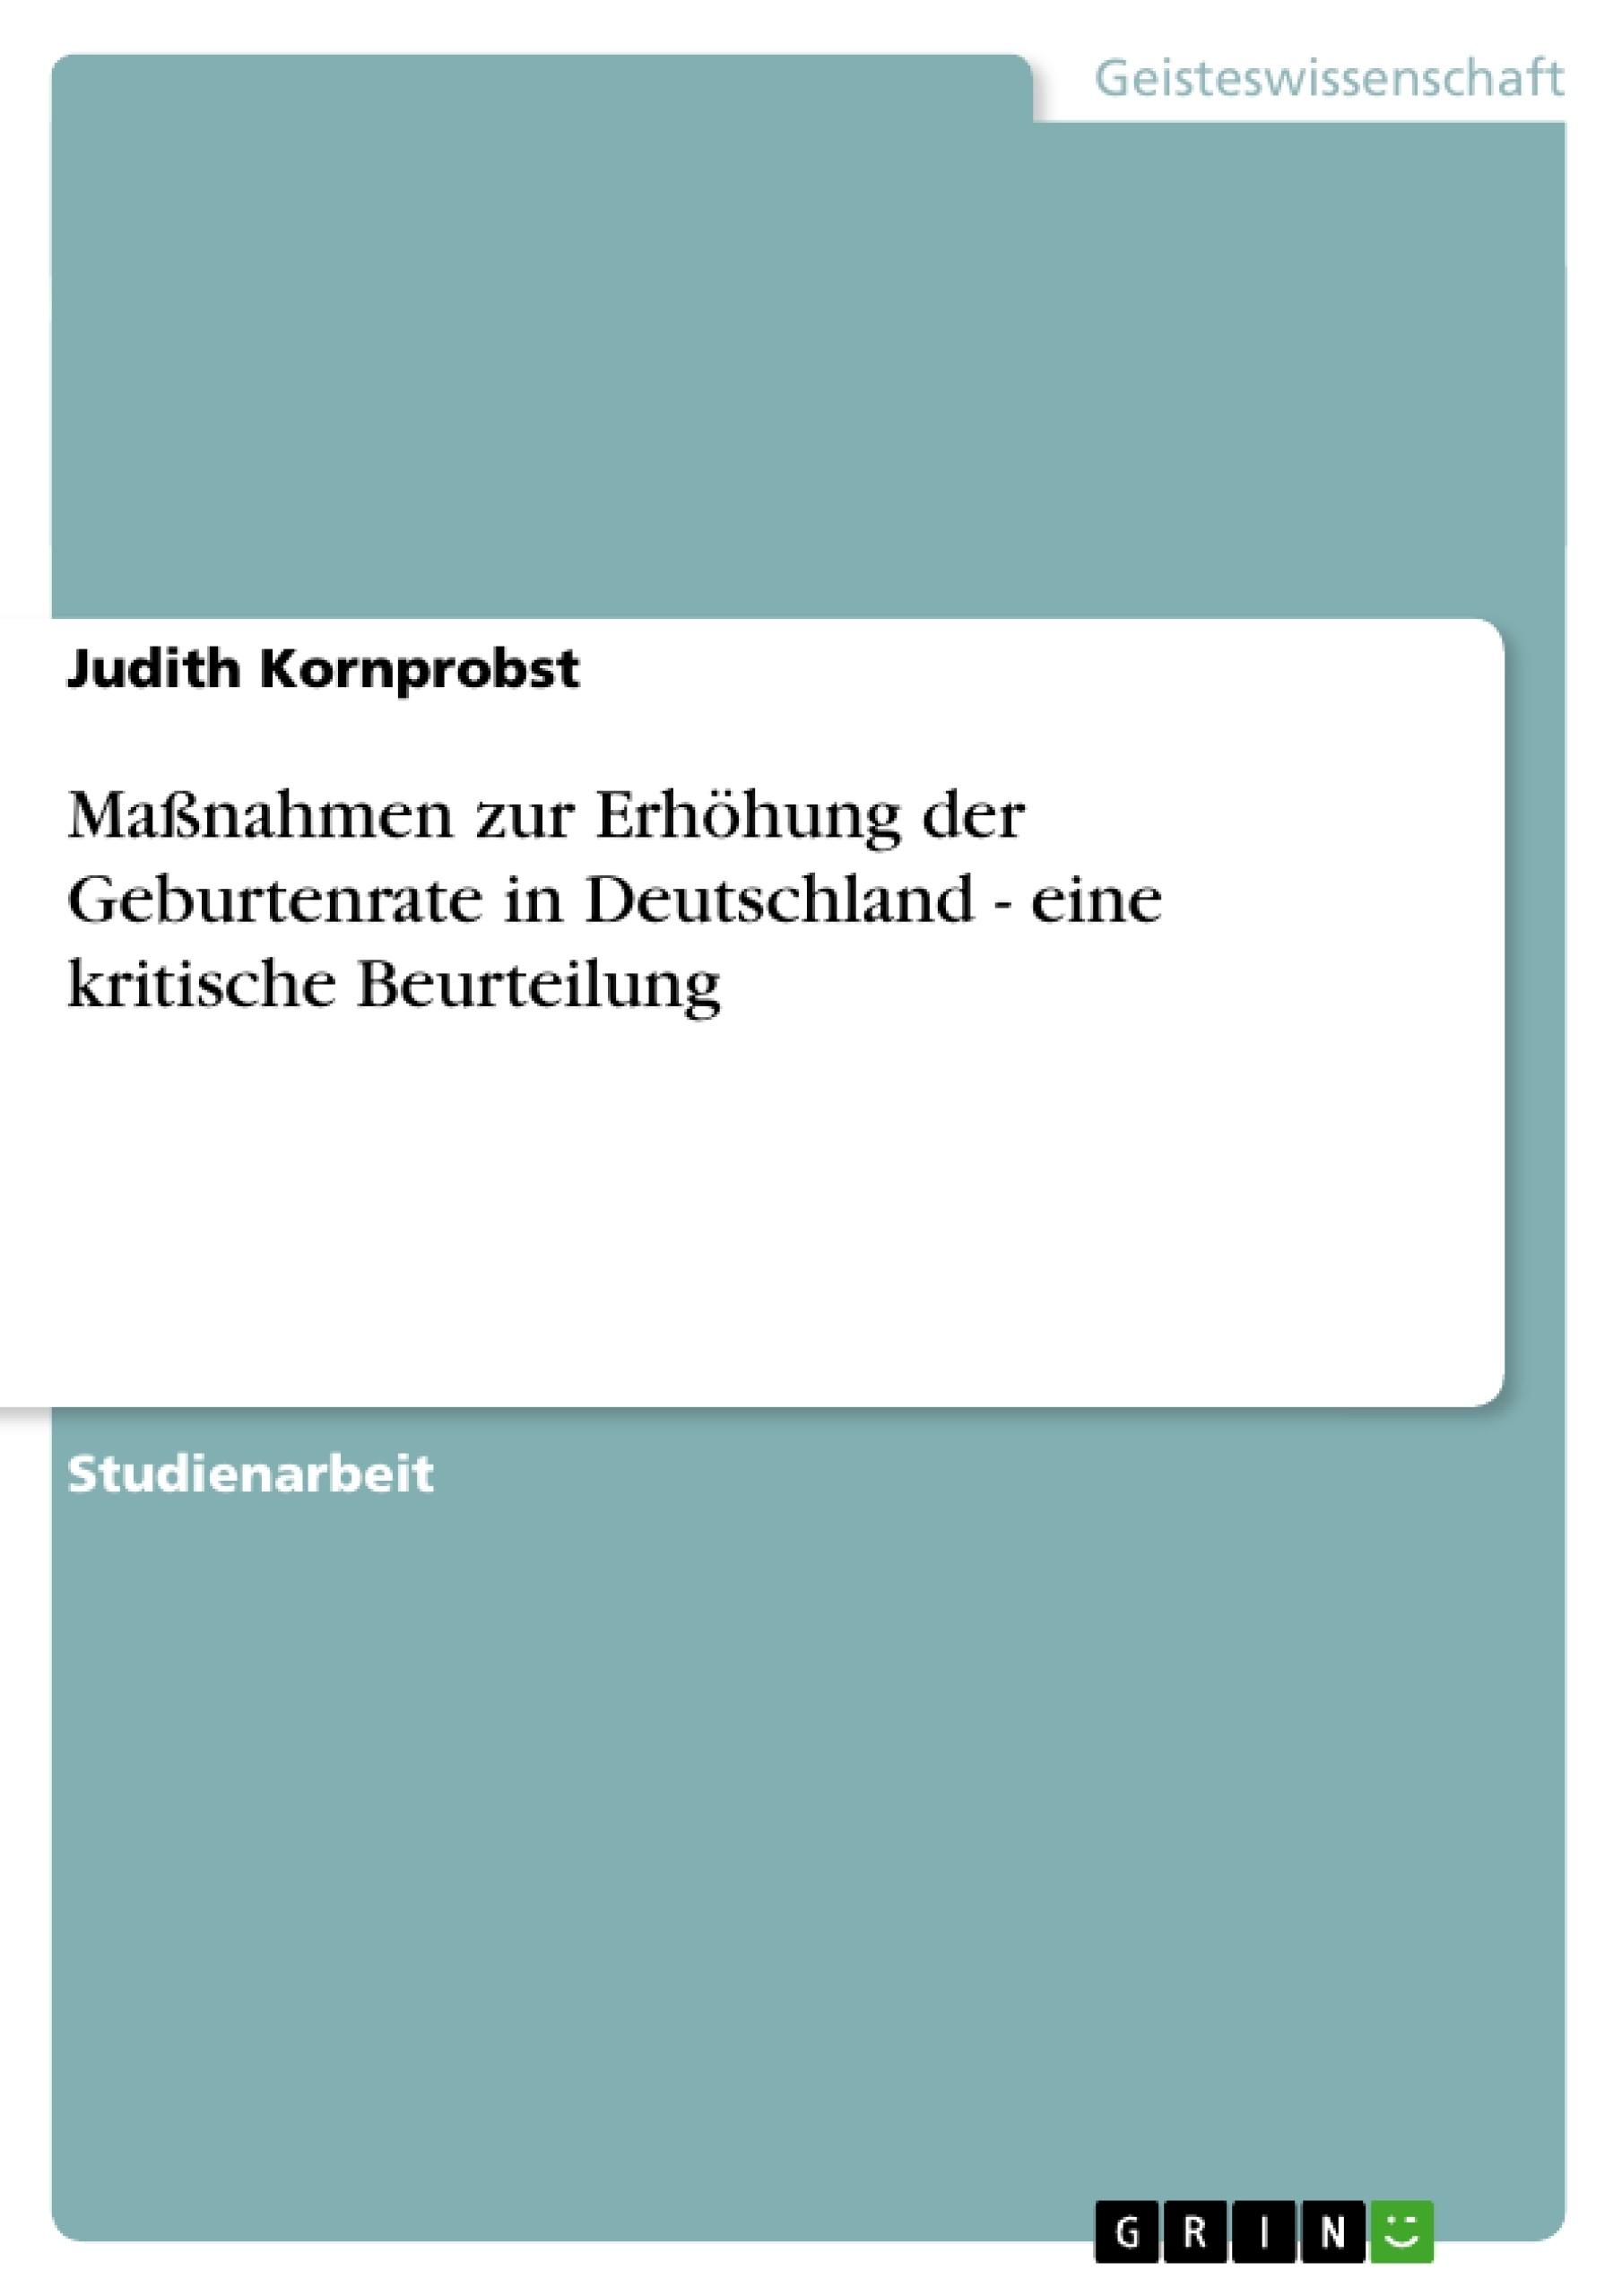 Titel: Maßnahmen zur Erhöhung der Geburtenrate in Deutschland - eine kritische Beurteilung